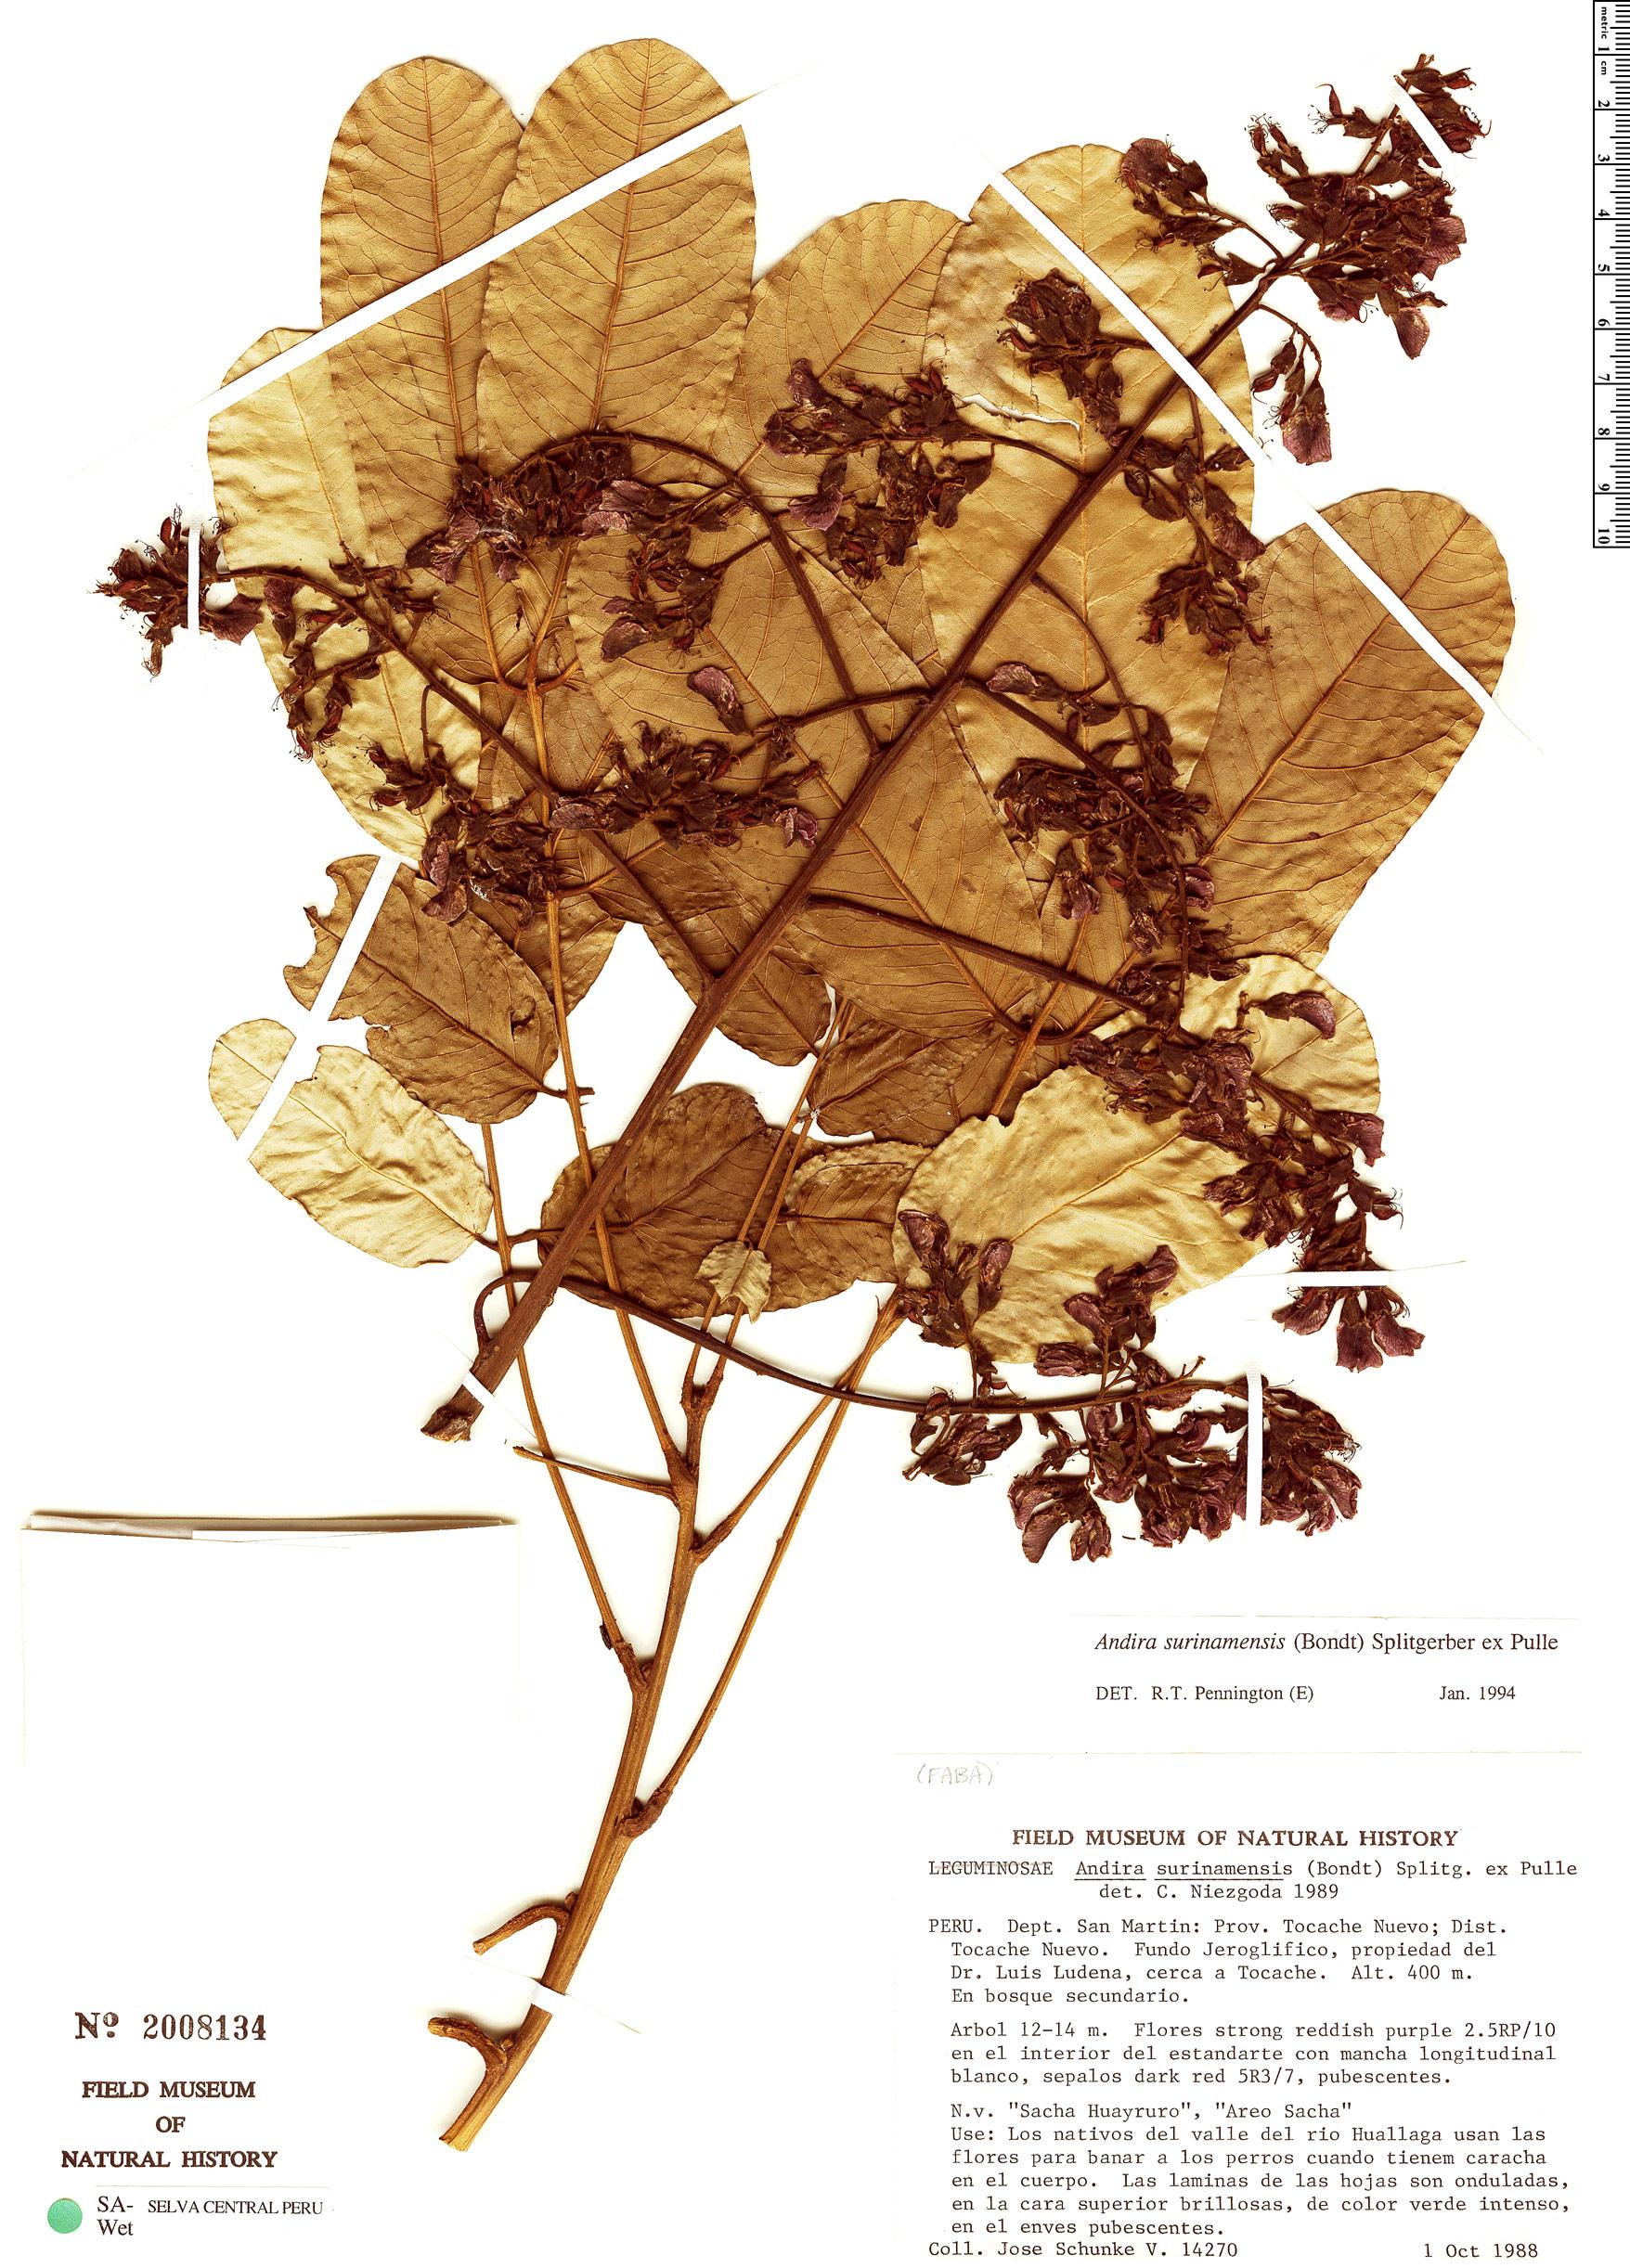 Specimen: Andira surinamensis